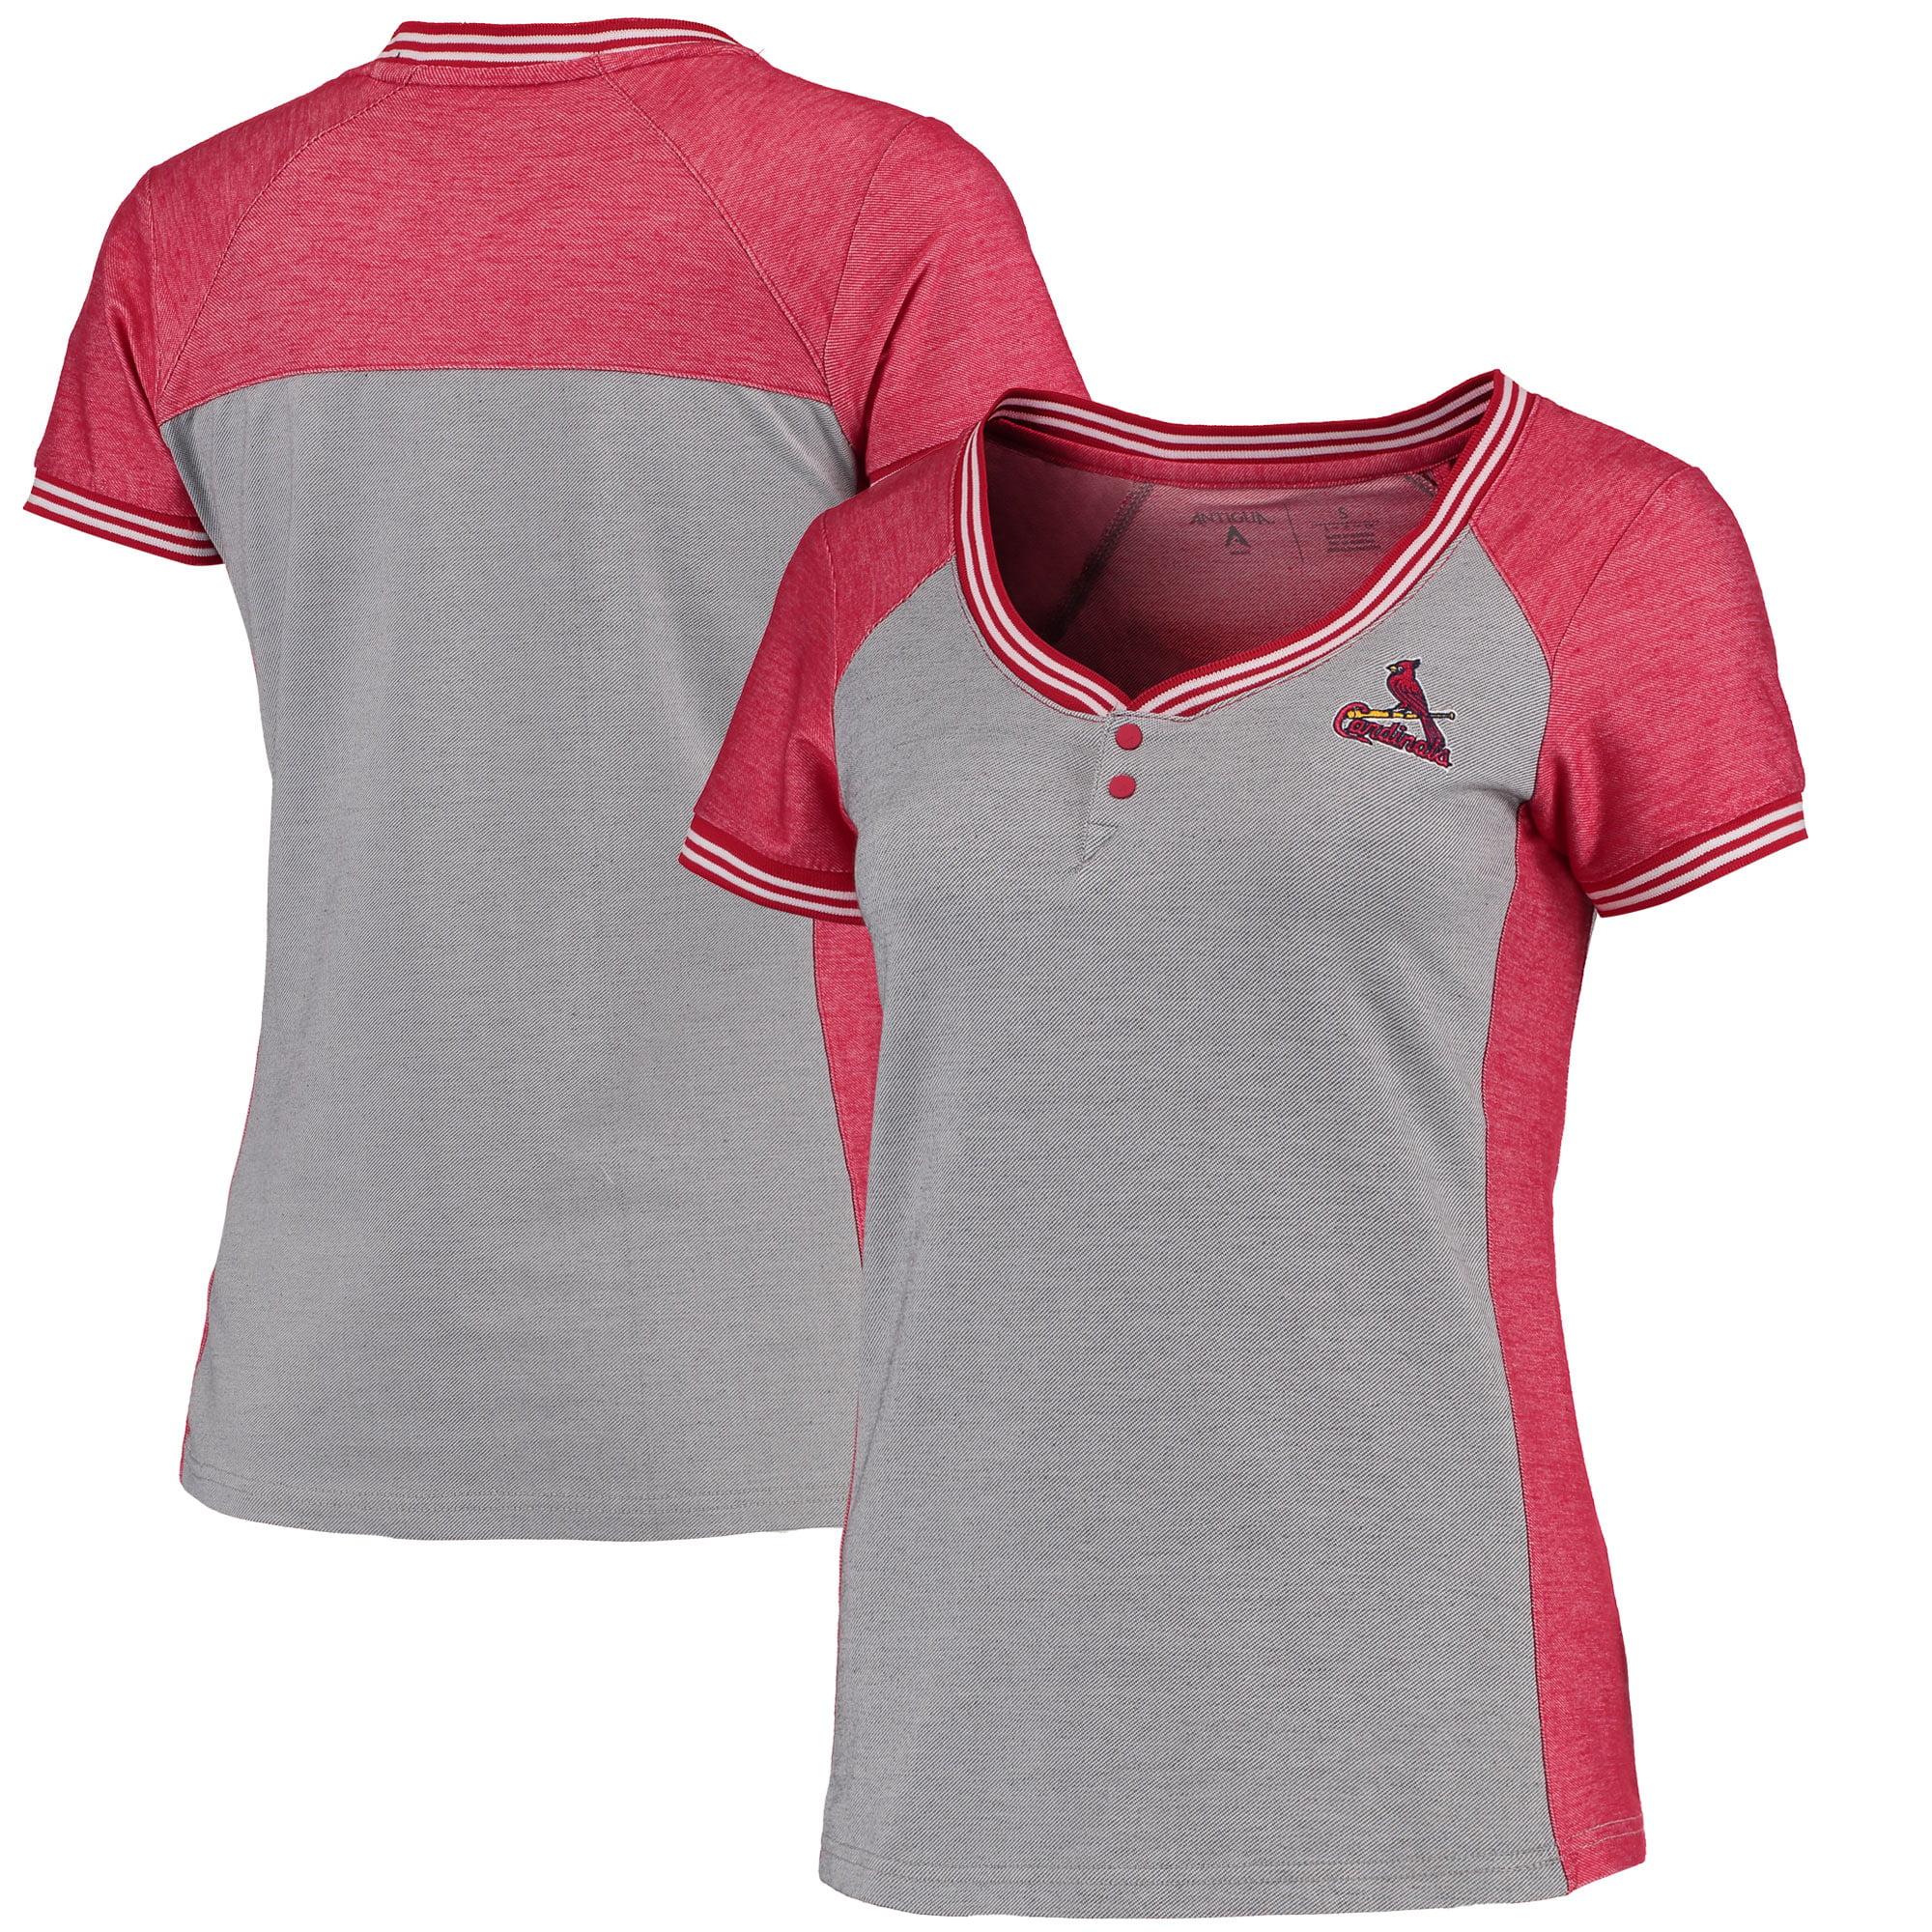 St. Louis Cardinals Antigua Women's Quick Henley T-Shirt - Gray/Red